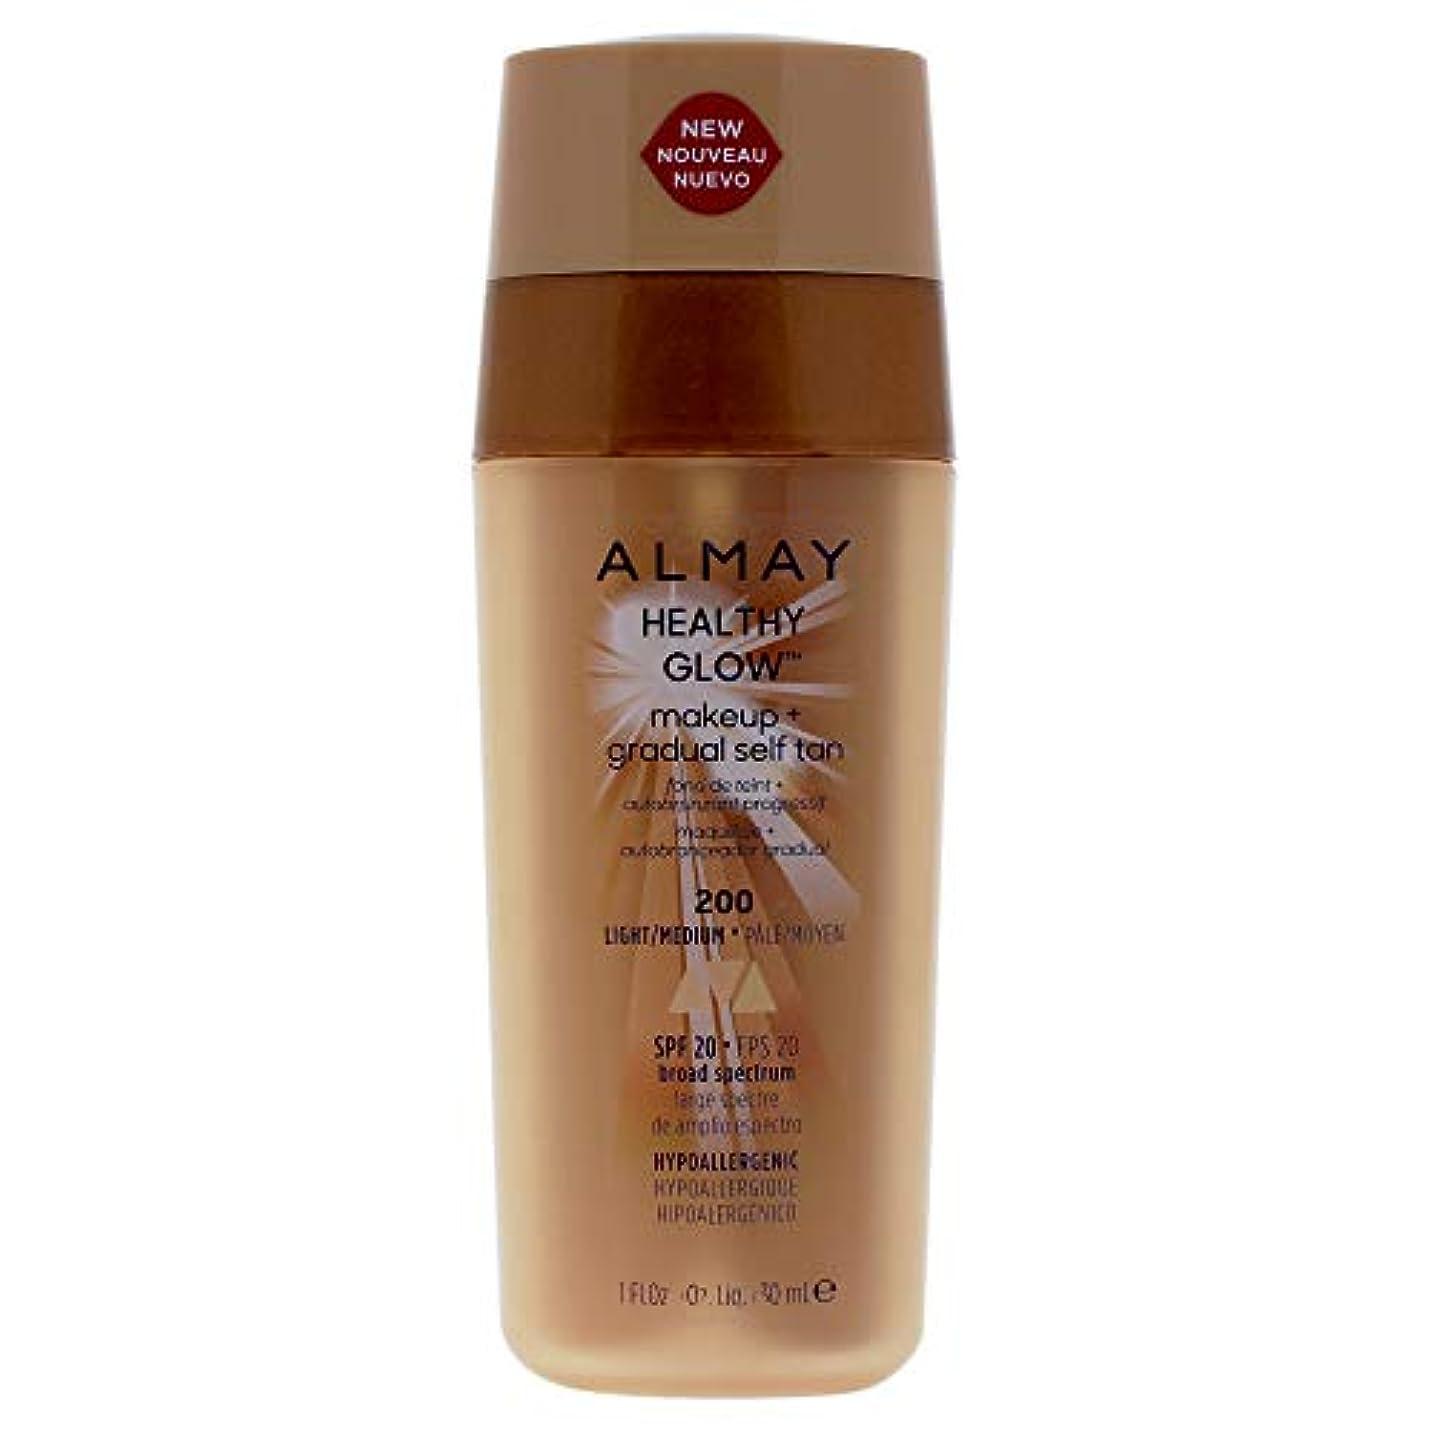 気分考古学的なセントAlmay Healthy Glow Makeup & Gradual Self Tan, Light/Medium